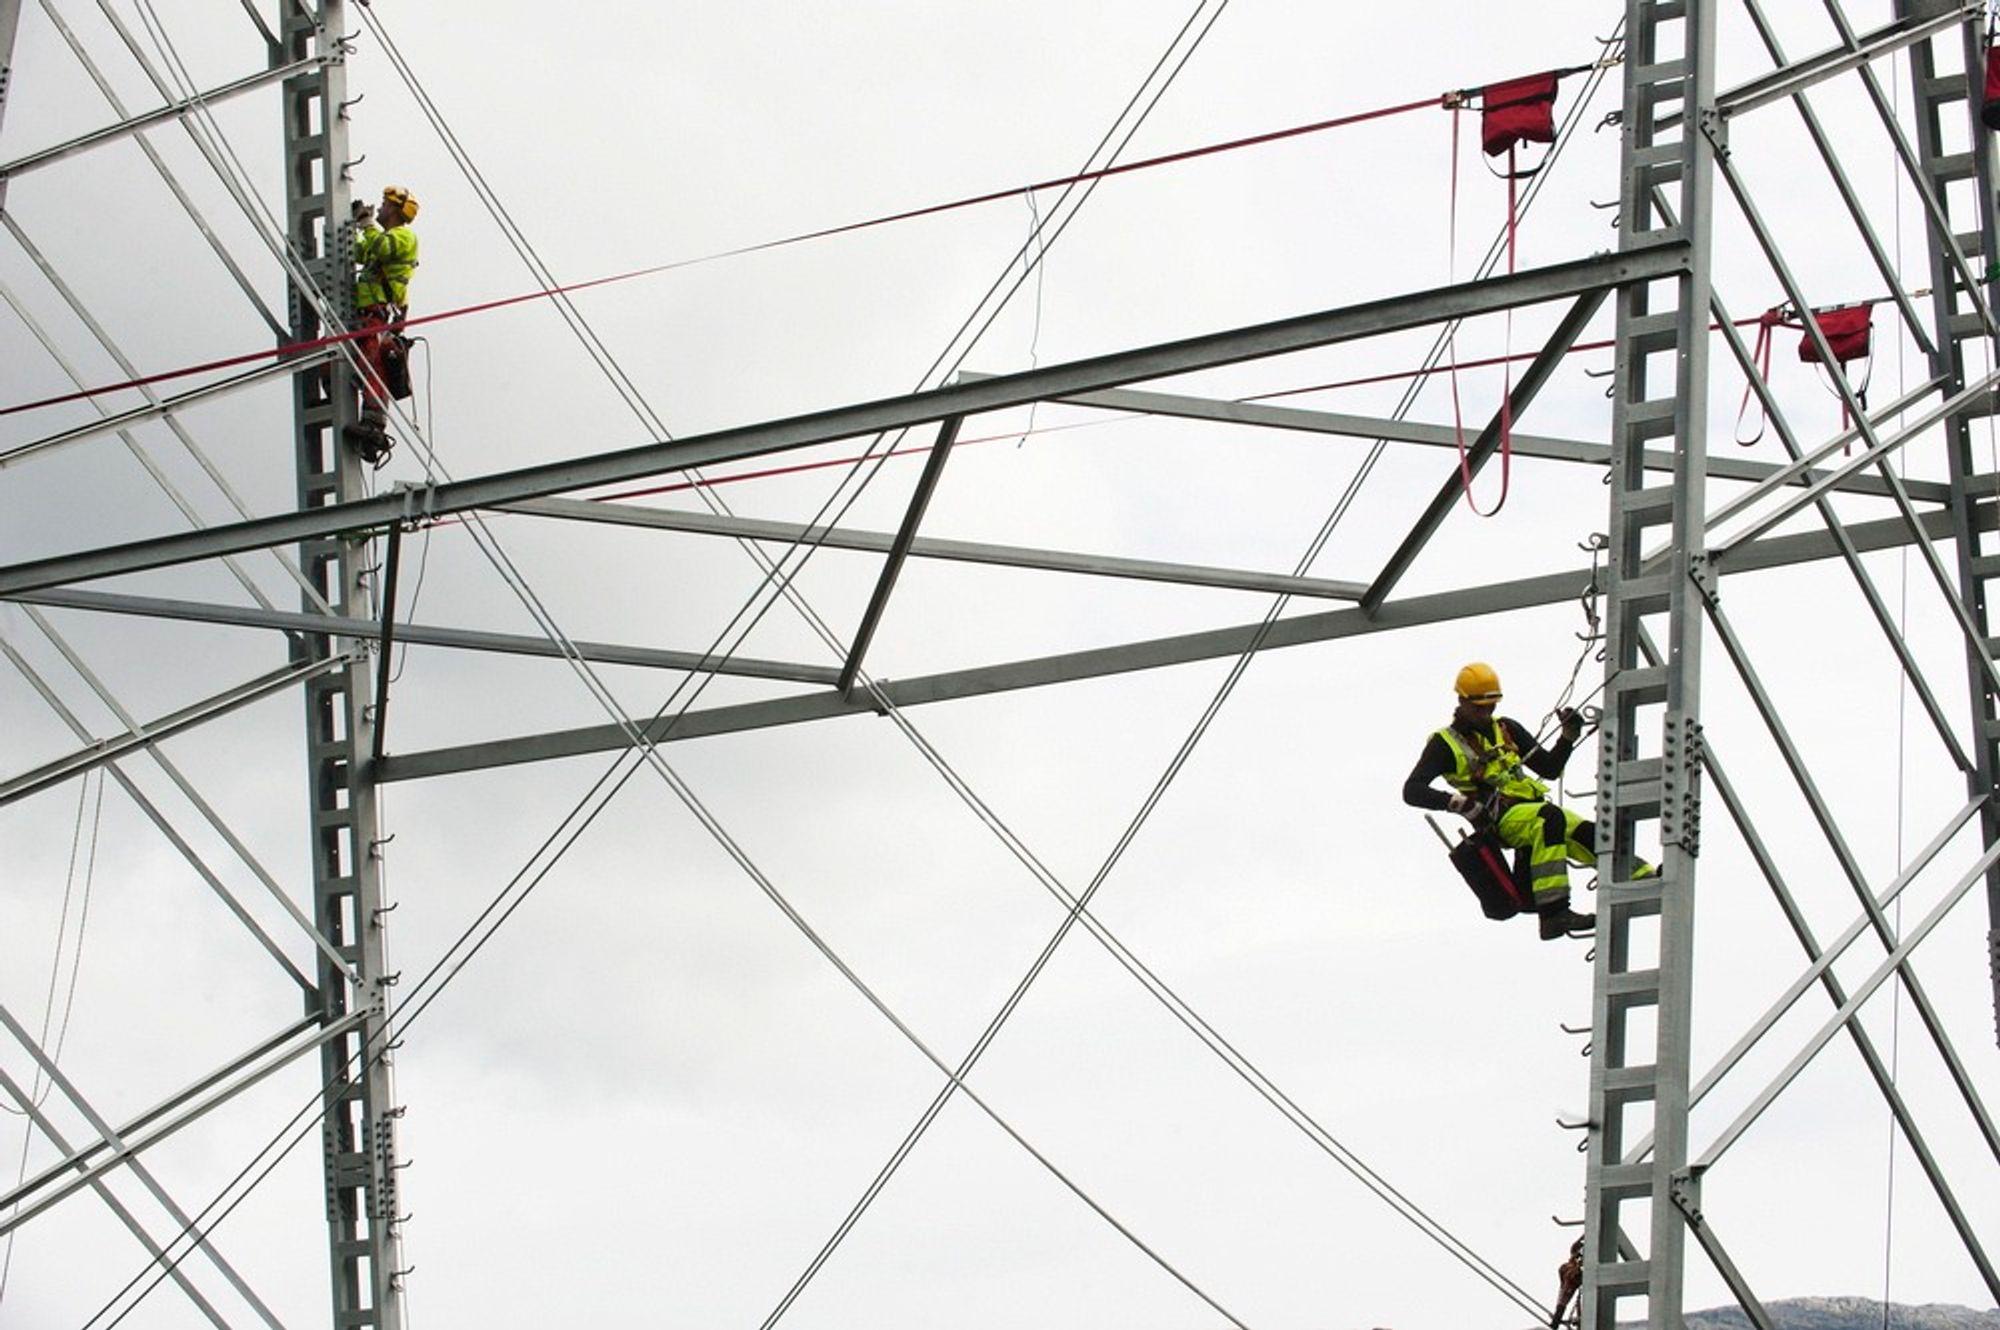 Ørskog-Fardal-linjenblir ikke satt i drift før i 2017. Sannsynligheten for at det kan oppstå en svært anstrengt kraftsituasjon vil øke for Møre-området etter at Nyhamna øker forbruket med i størrelsesorden 120 MW i 4. kvartal 2016, skriver Statnett til Olje- og energidepartementet.